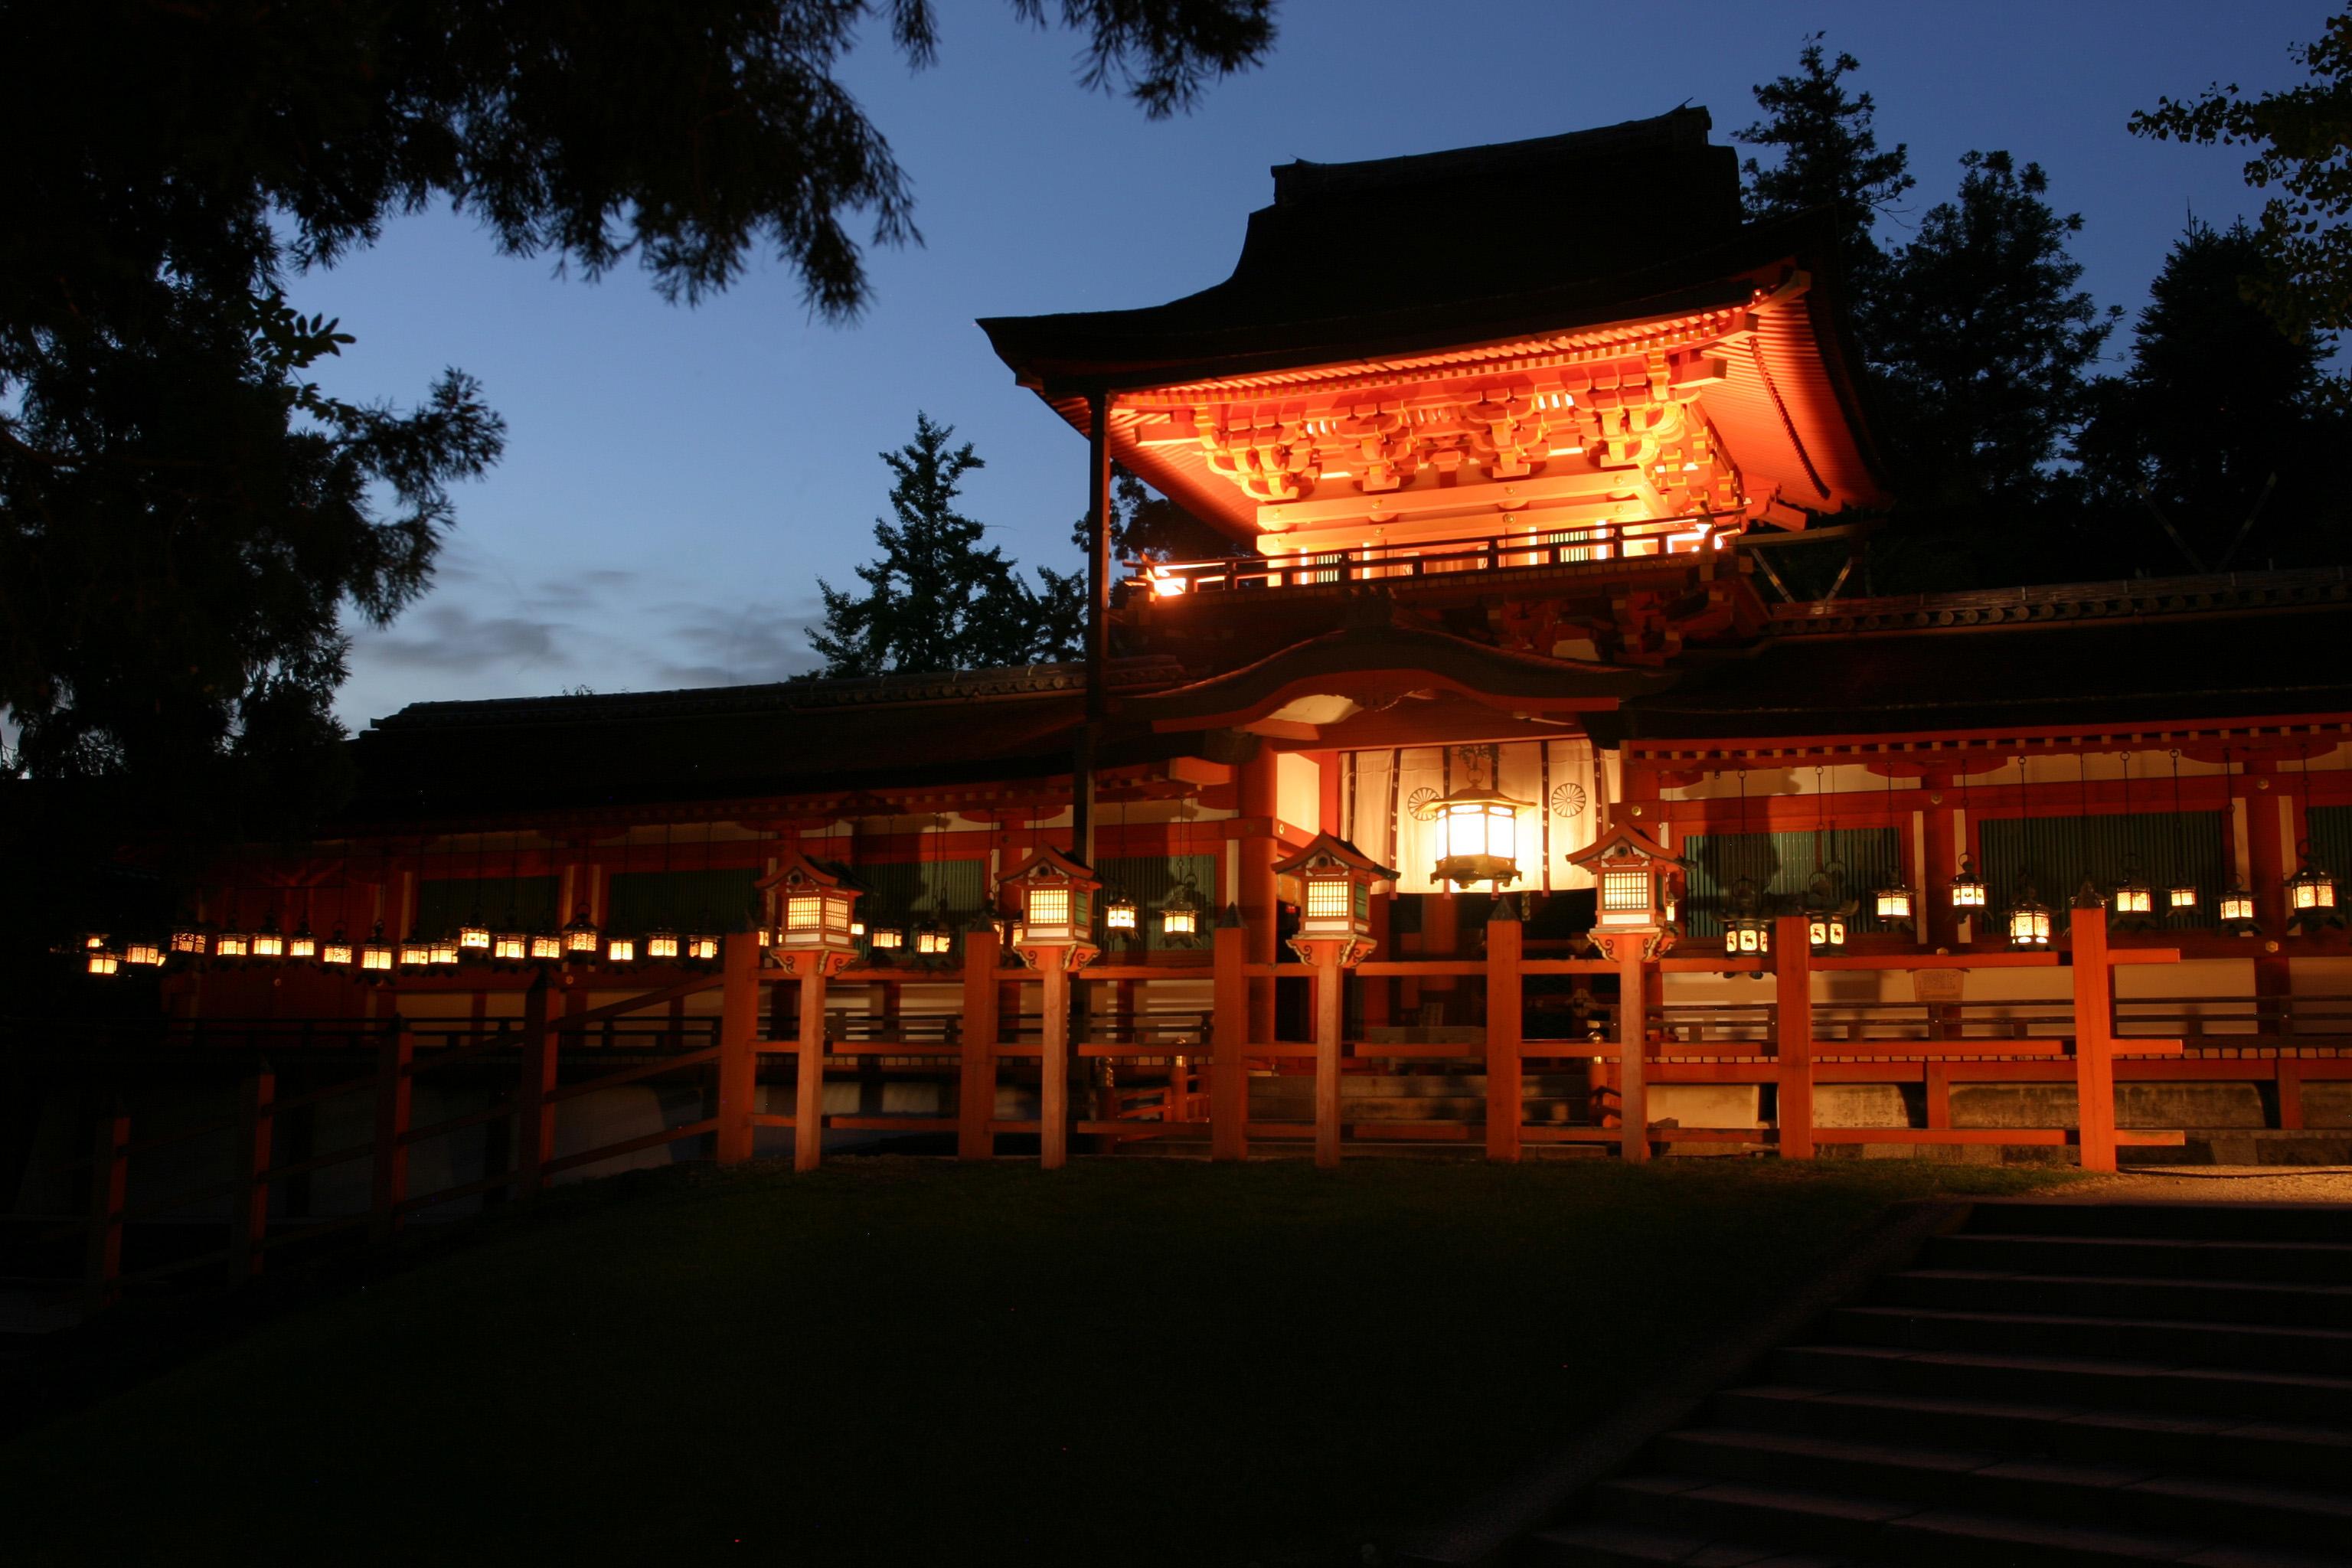 Osaka / Kyoto - Nara City